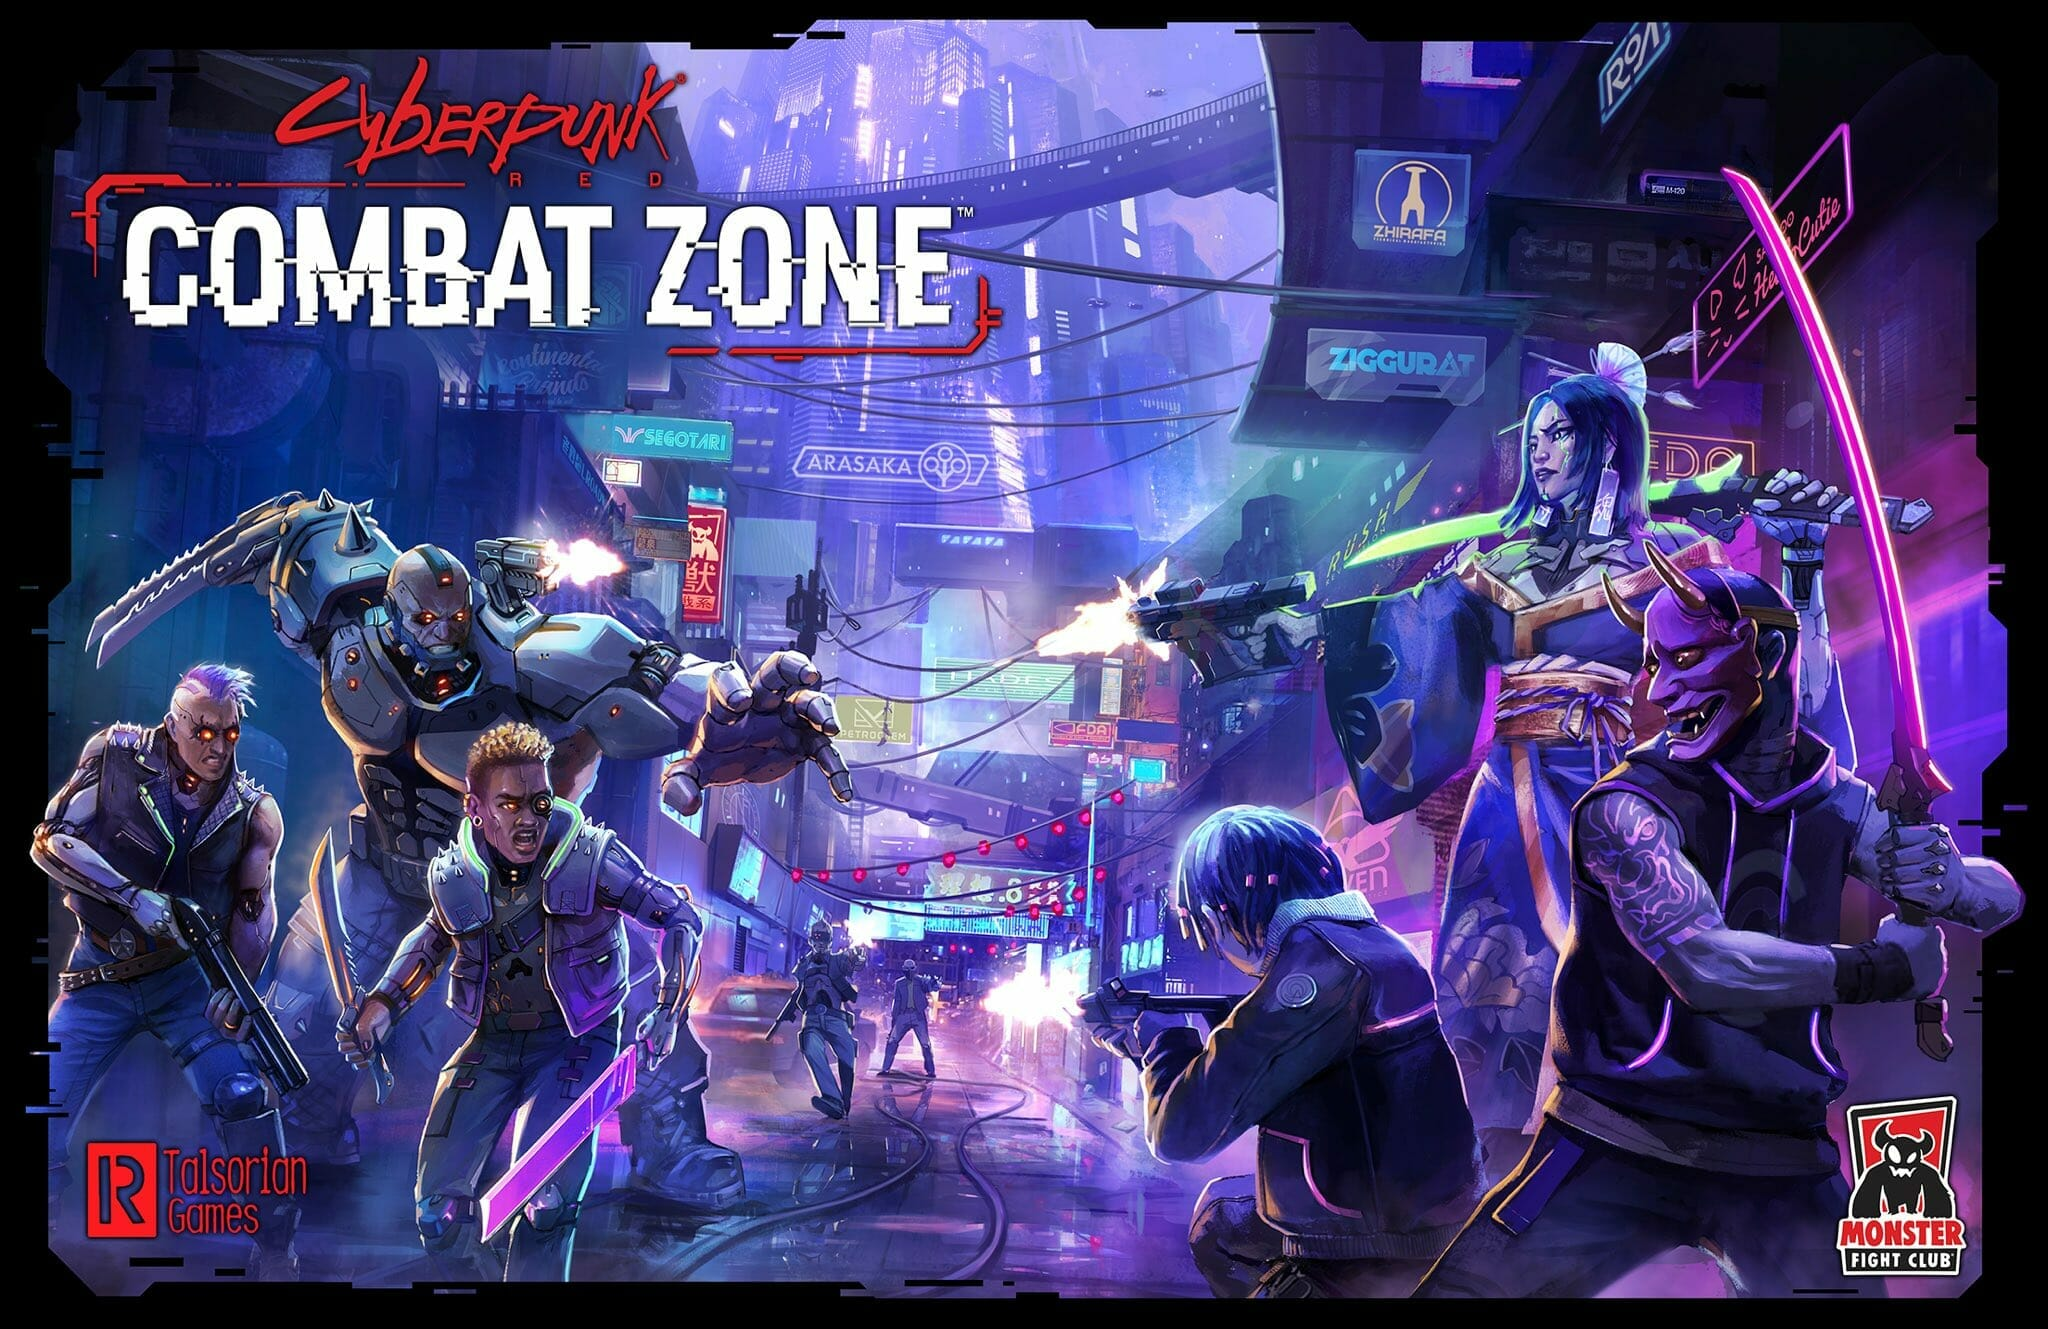 cyberpunk-combat-zone.jpg